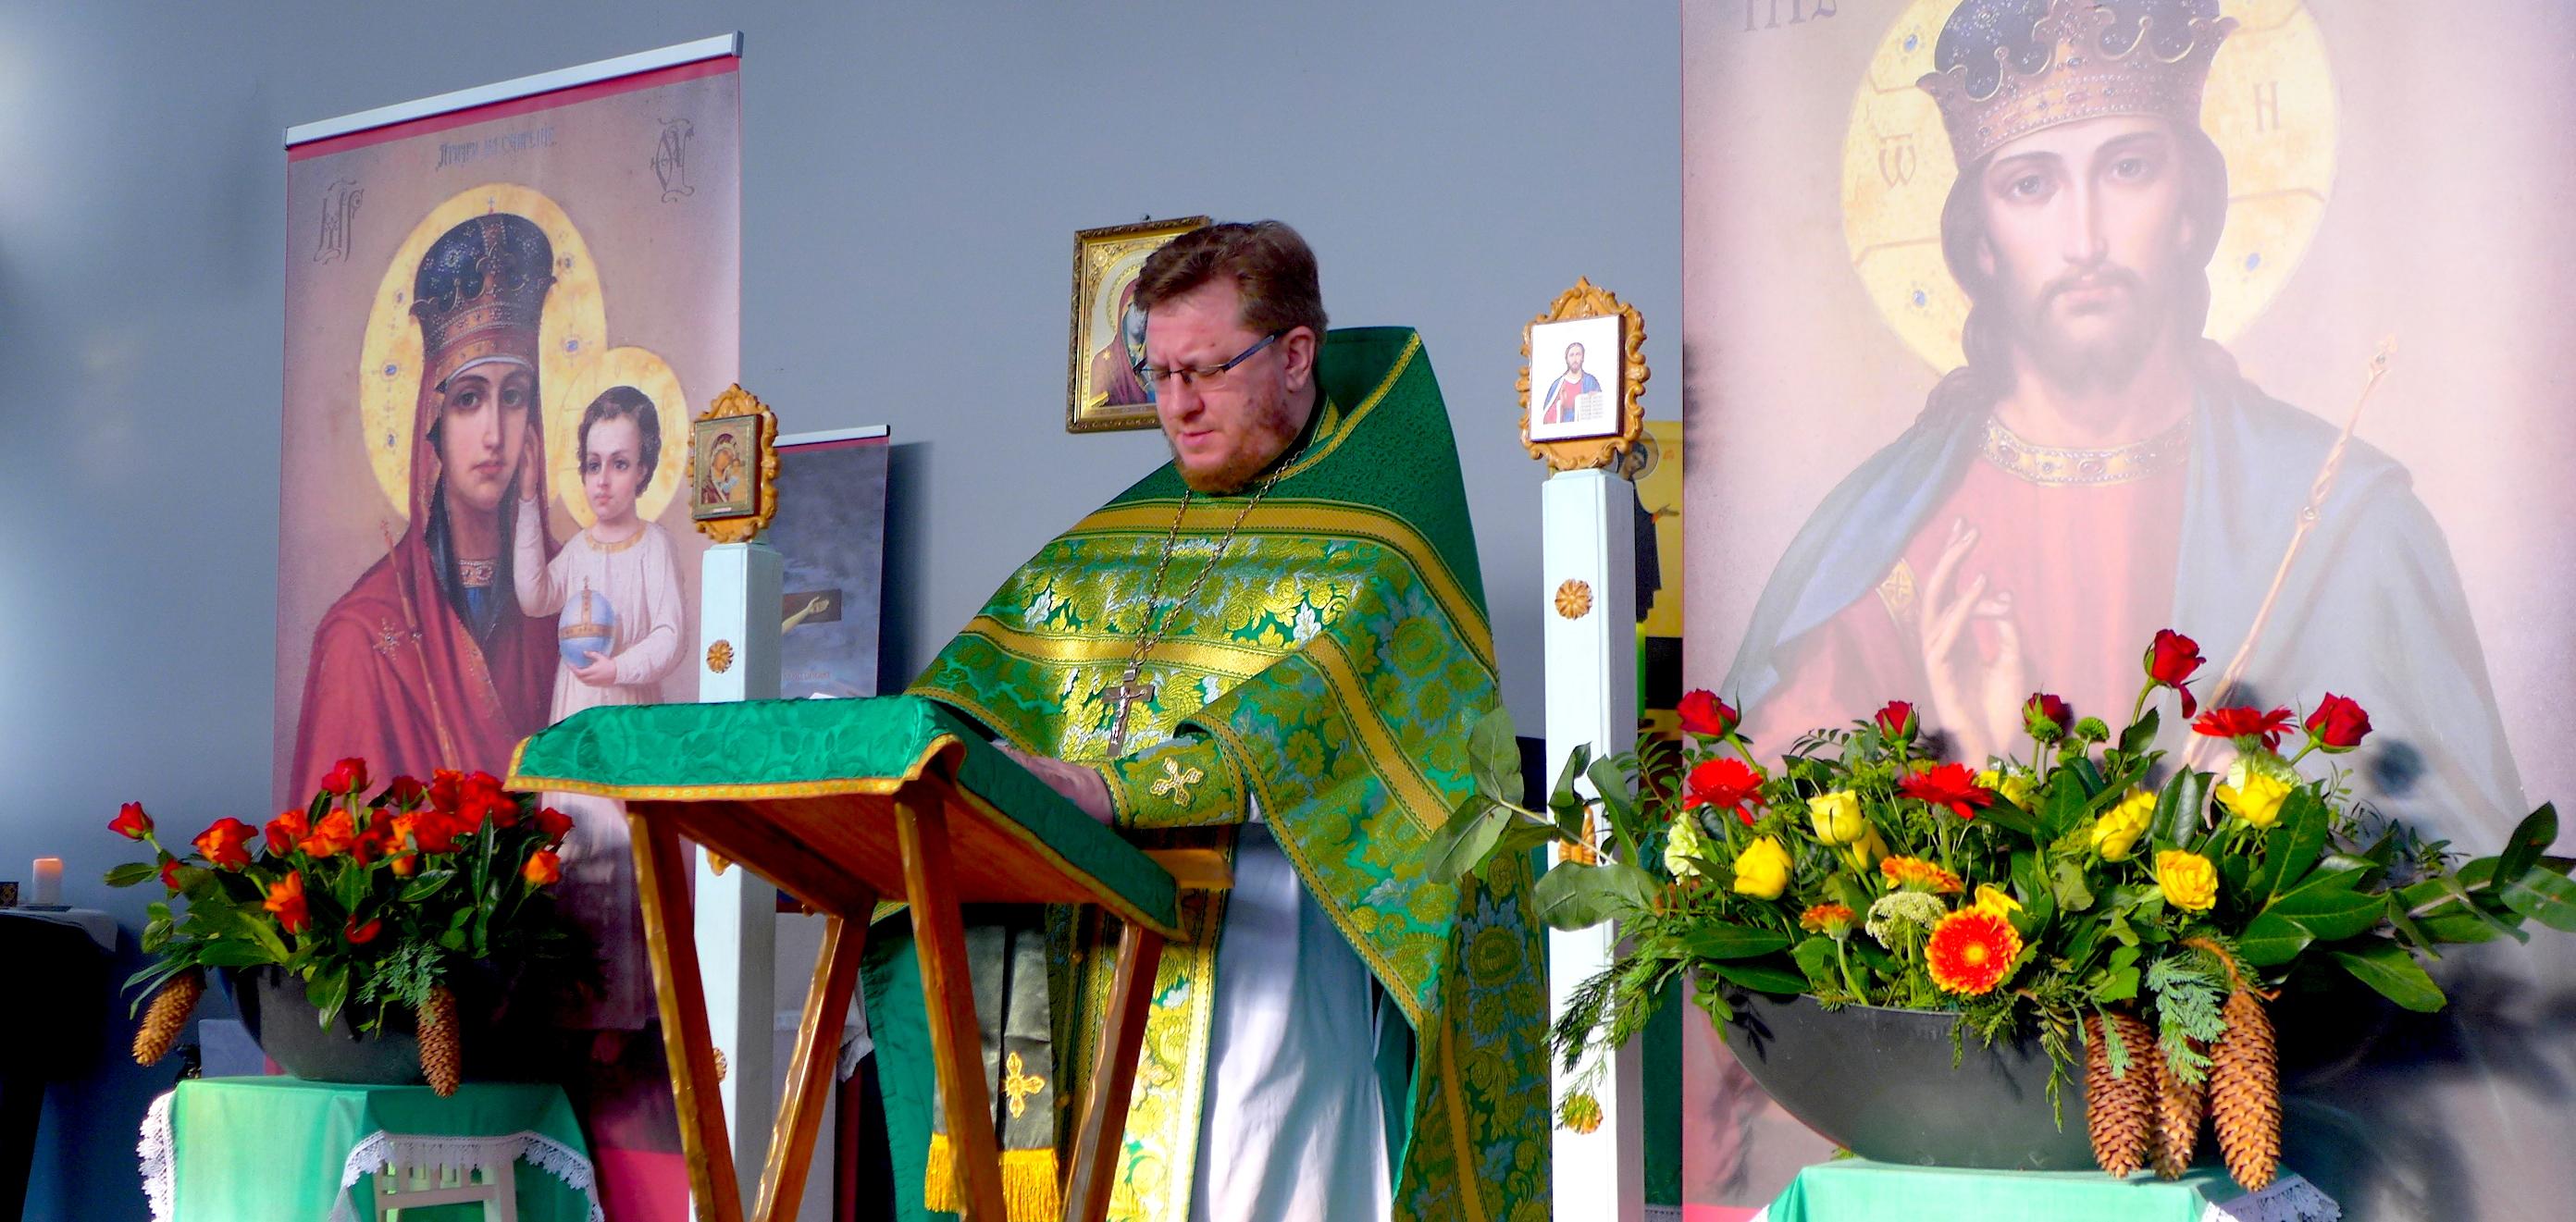 Престольный праздник в честь преподобного Антония Великого в Мёнхенгладбахе.